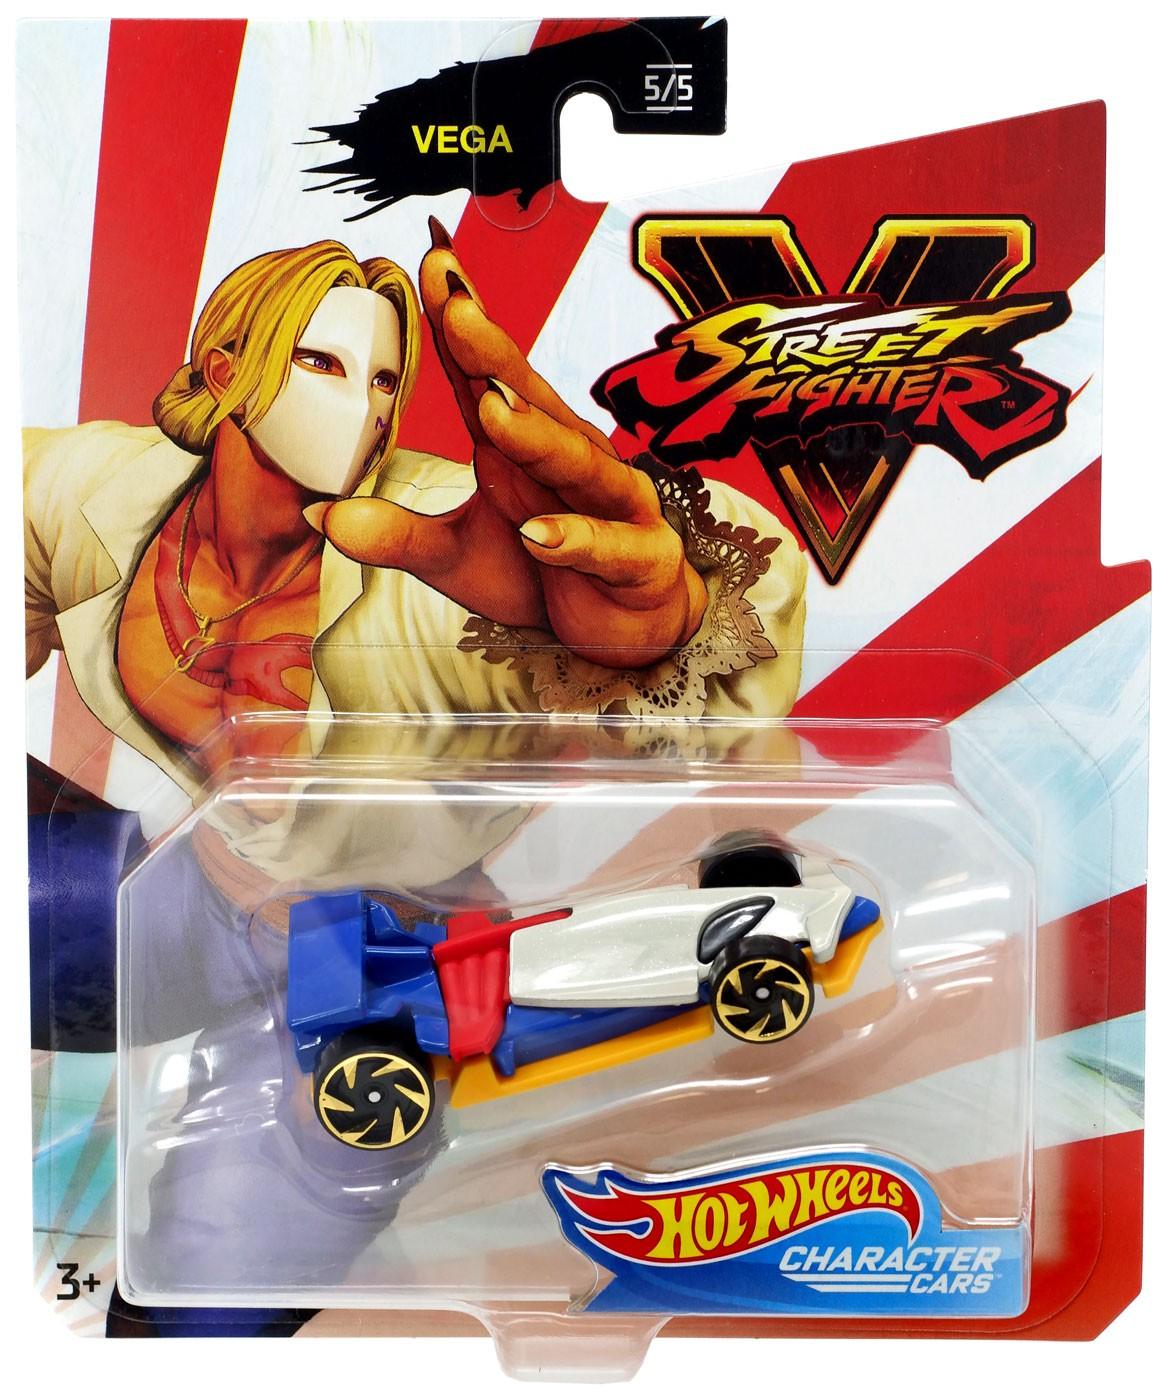 Hot Wheels Street Fighter V Character Cars Vega Die Cast Car 5 5